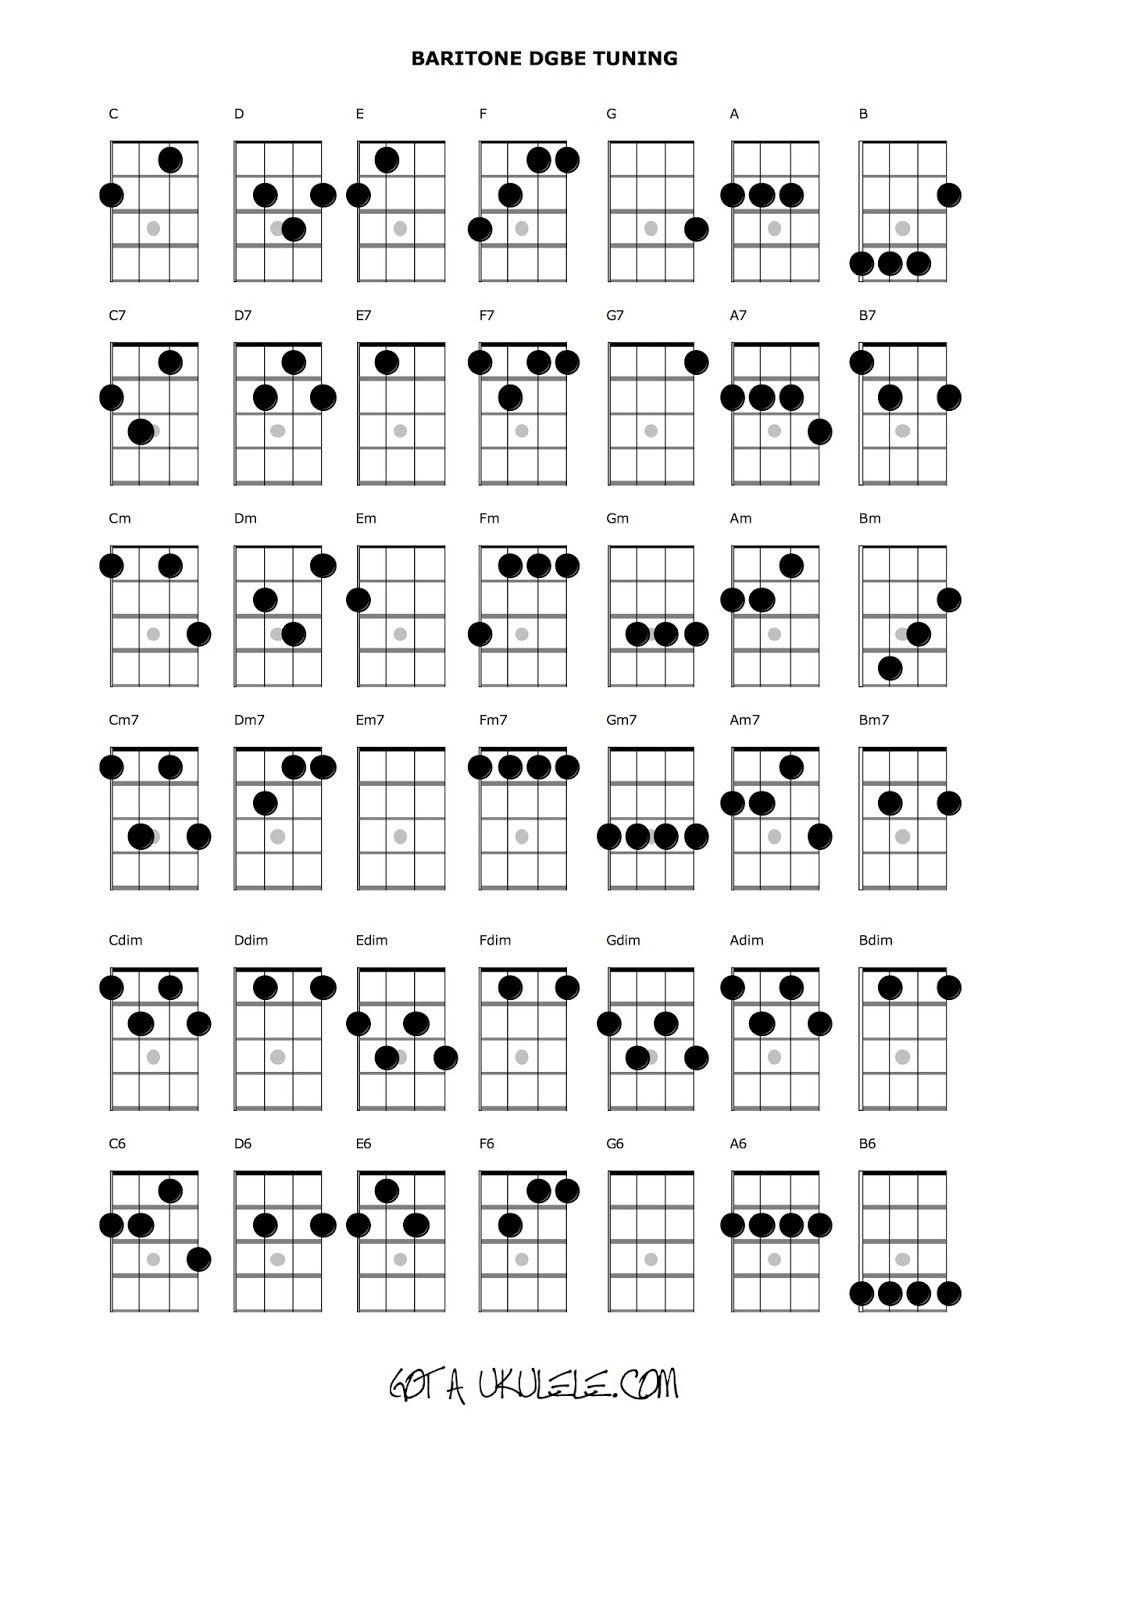 Baritone ukulele chord chart | Ukulele Stuff in 2019